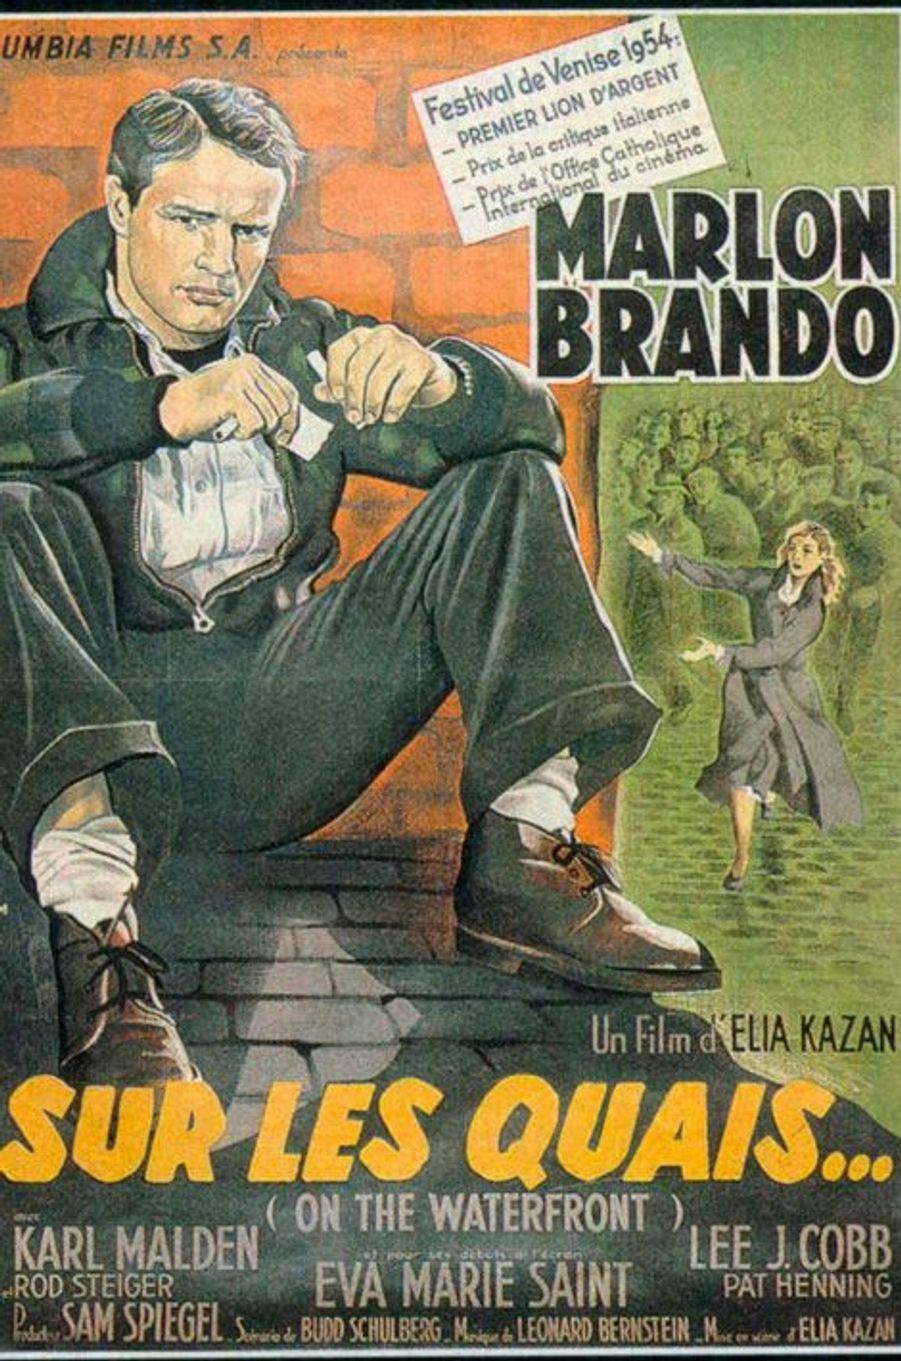 En 1954, «Sur les quais» d'Elia Kazan avec Marlon Brando avait été probablement LE film de l'année. Le long-métrage avait été récompensé par 8 Oscars dont ceux du Meilleur film, Meilleur réalisateur et Meilleur acteur.